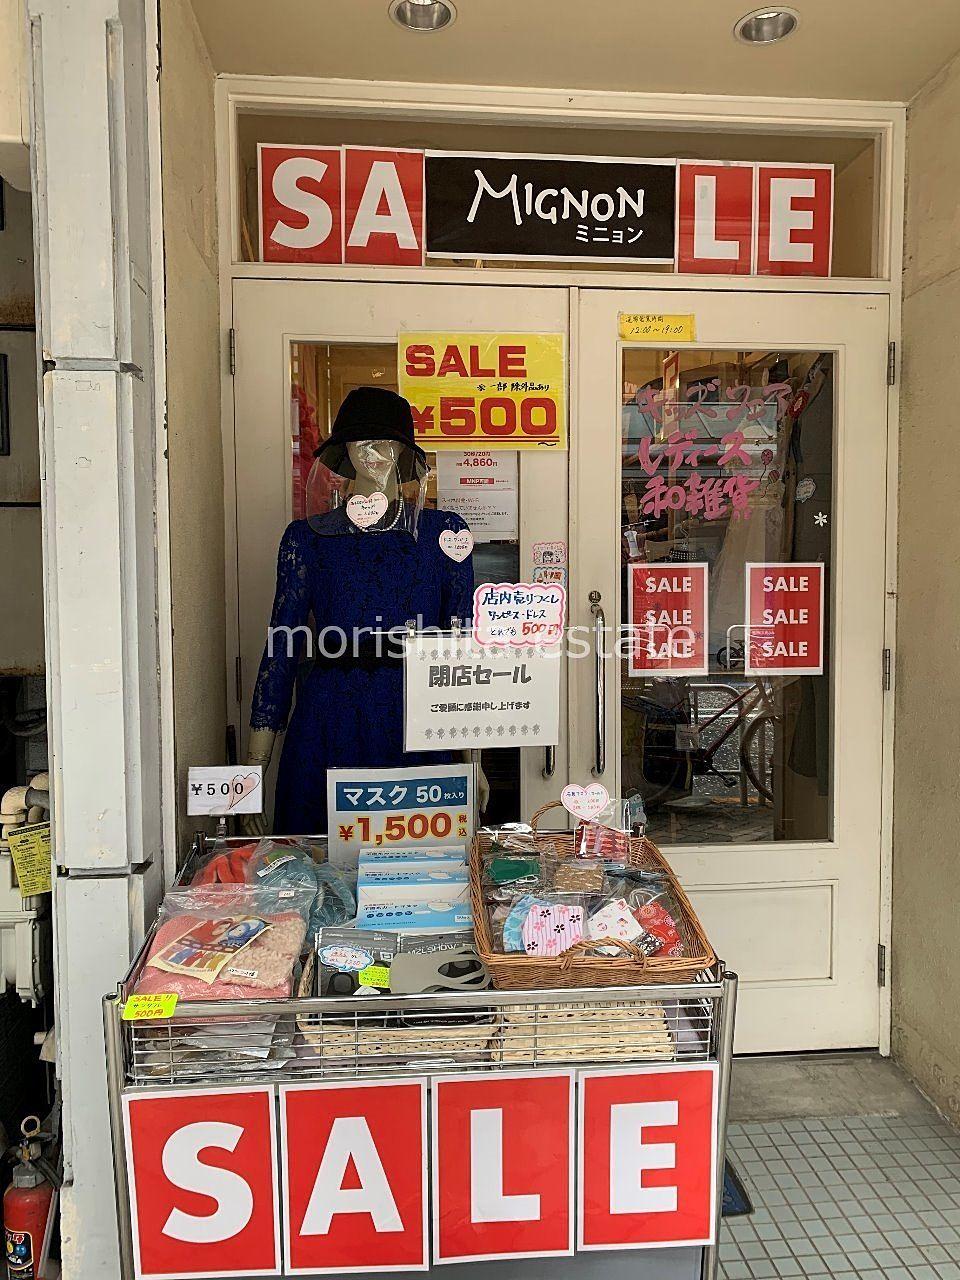 高橋 ミニョン 閉店 セール ドレス 子供服 化粧品 写真